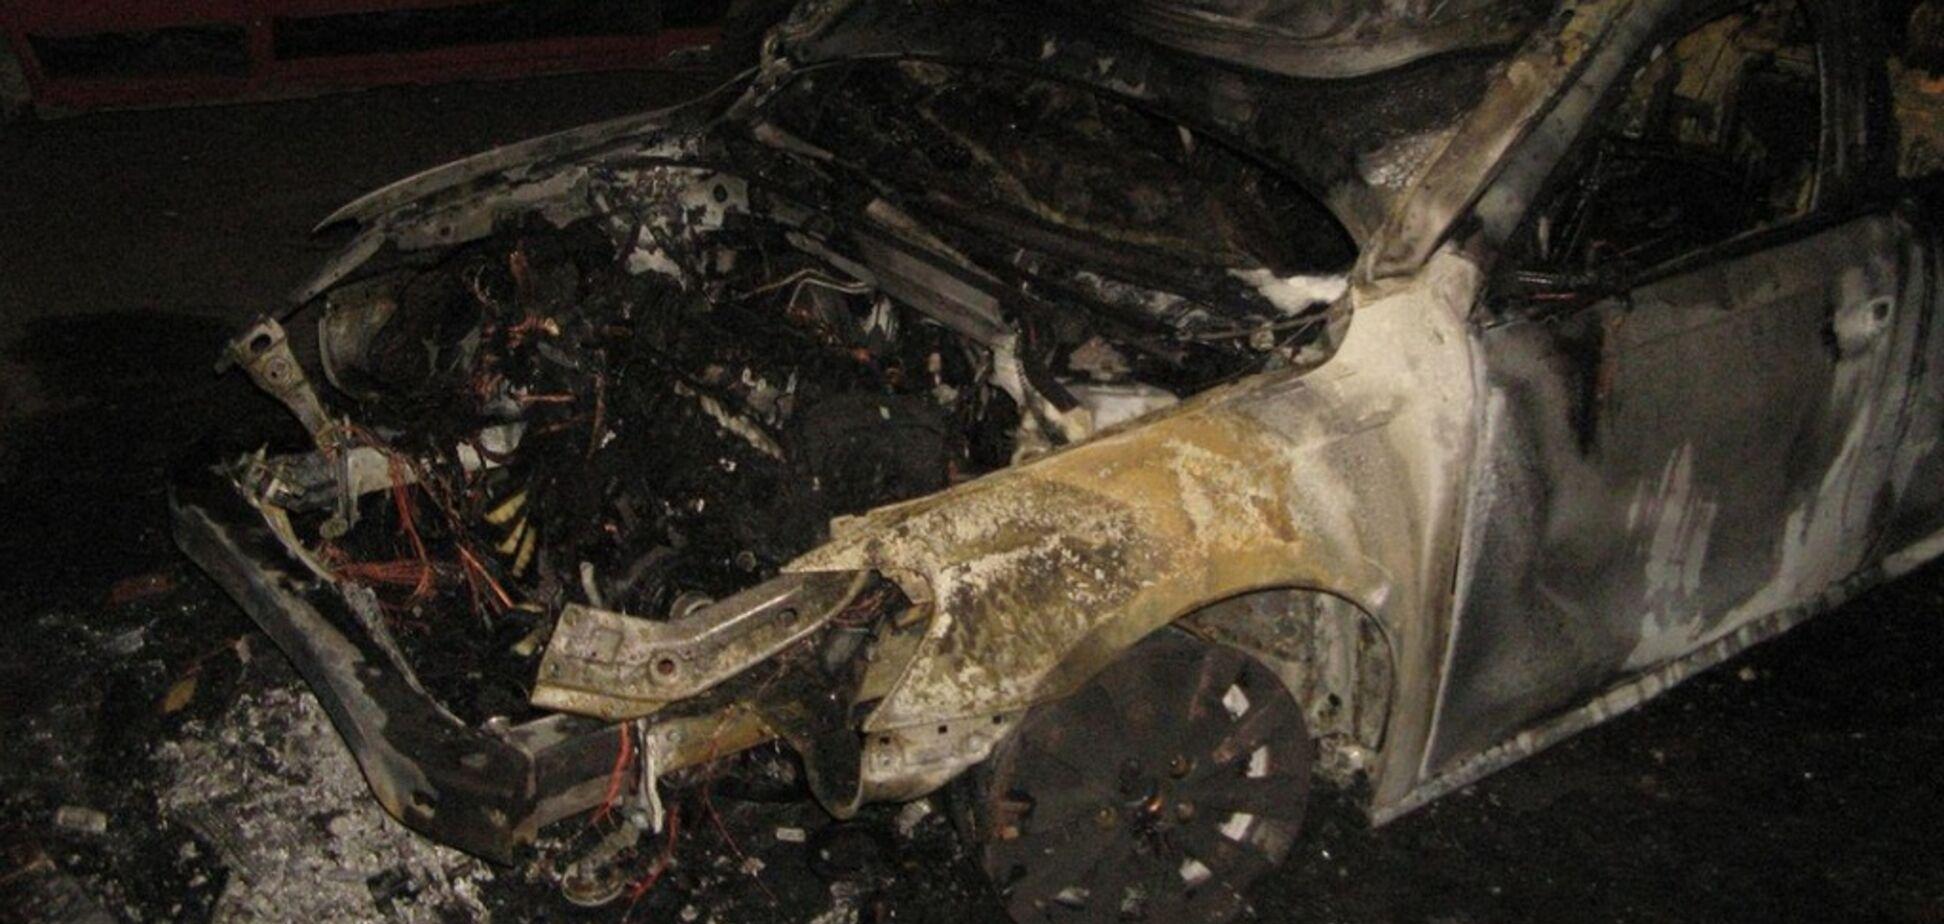 У Дніпрі за ніч згоріли 2 автомобілі: подробиці